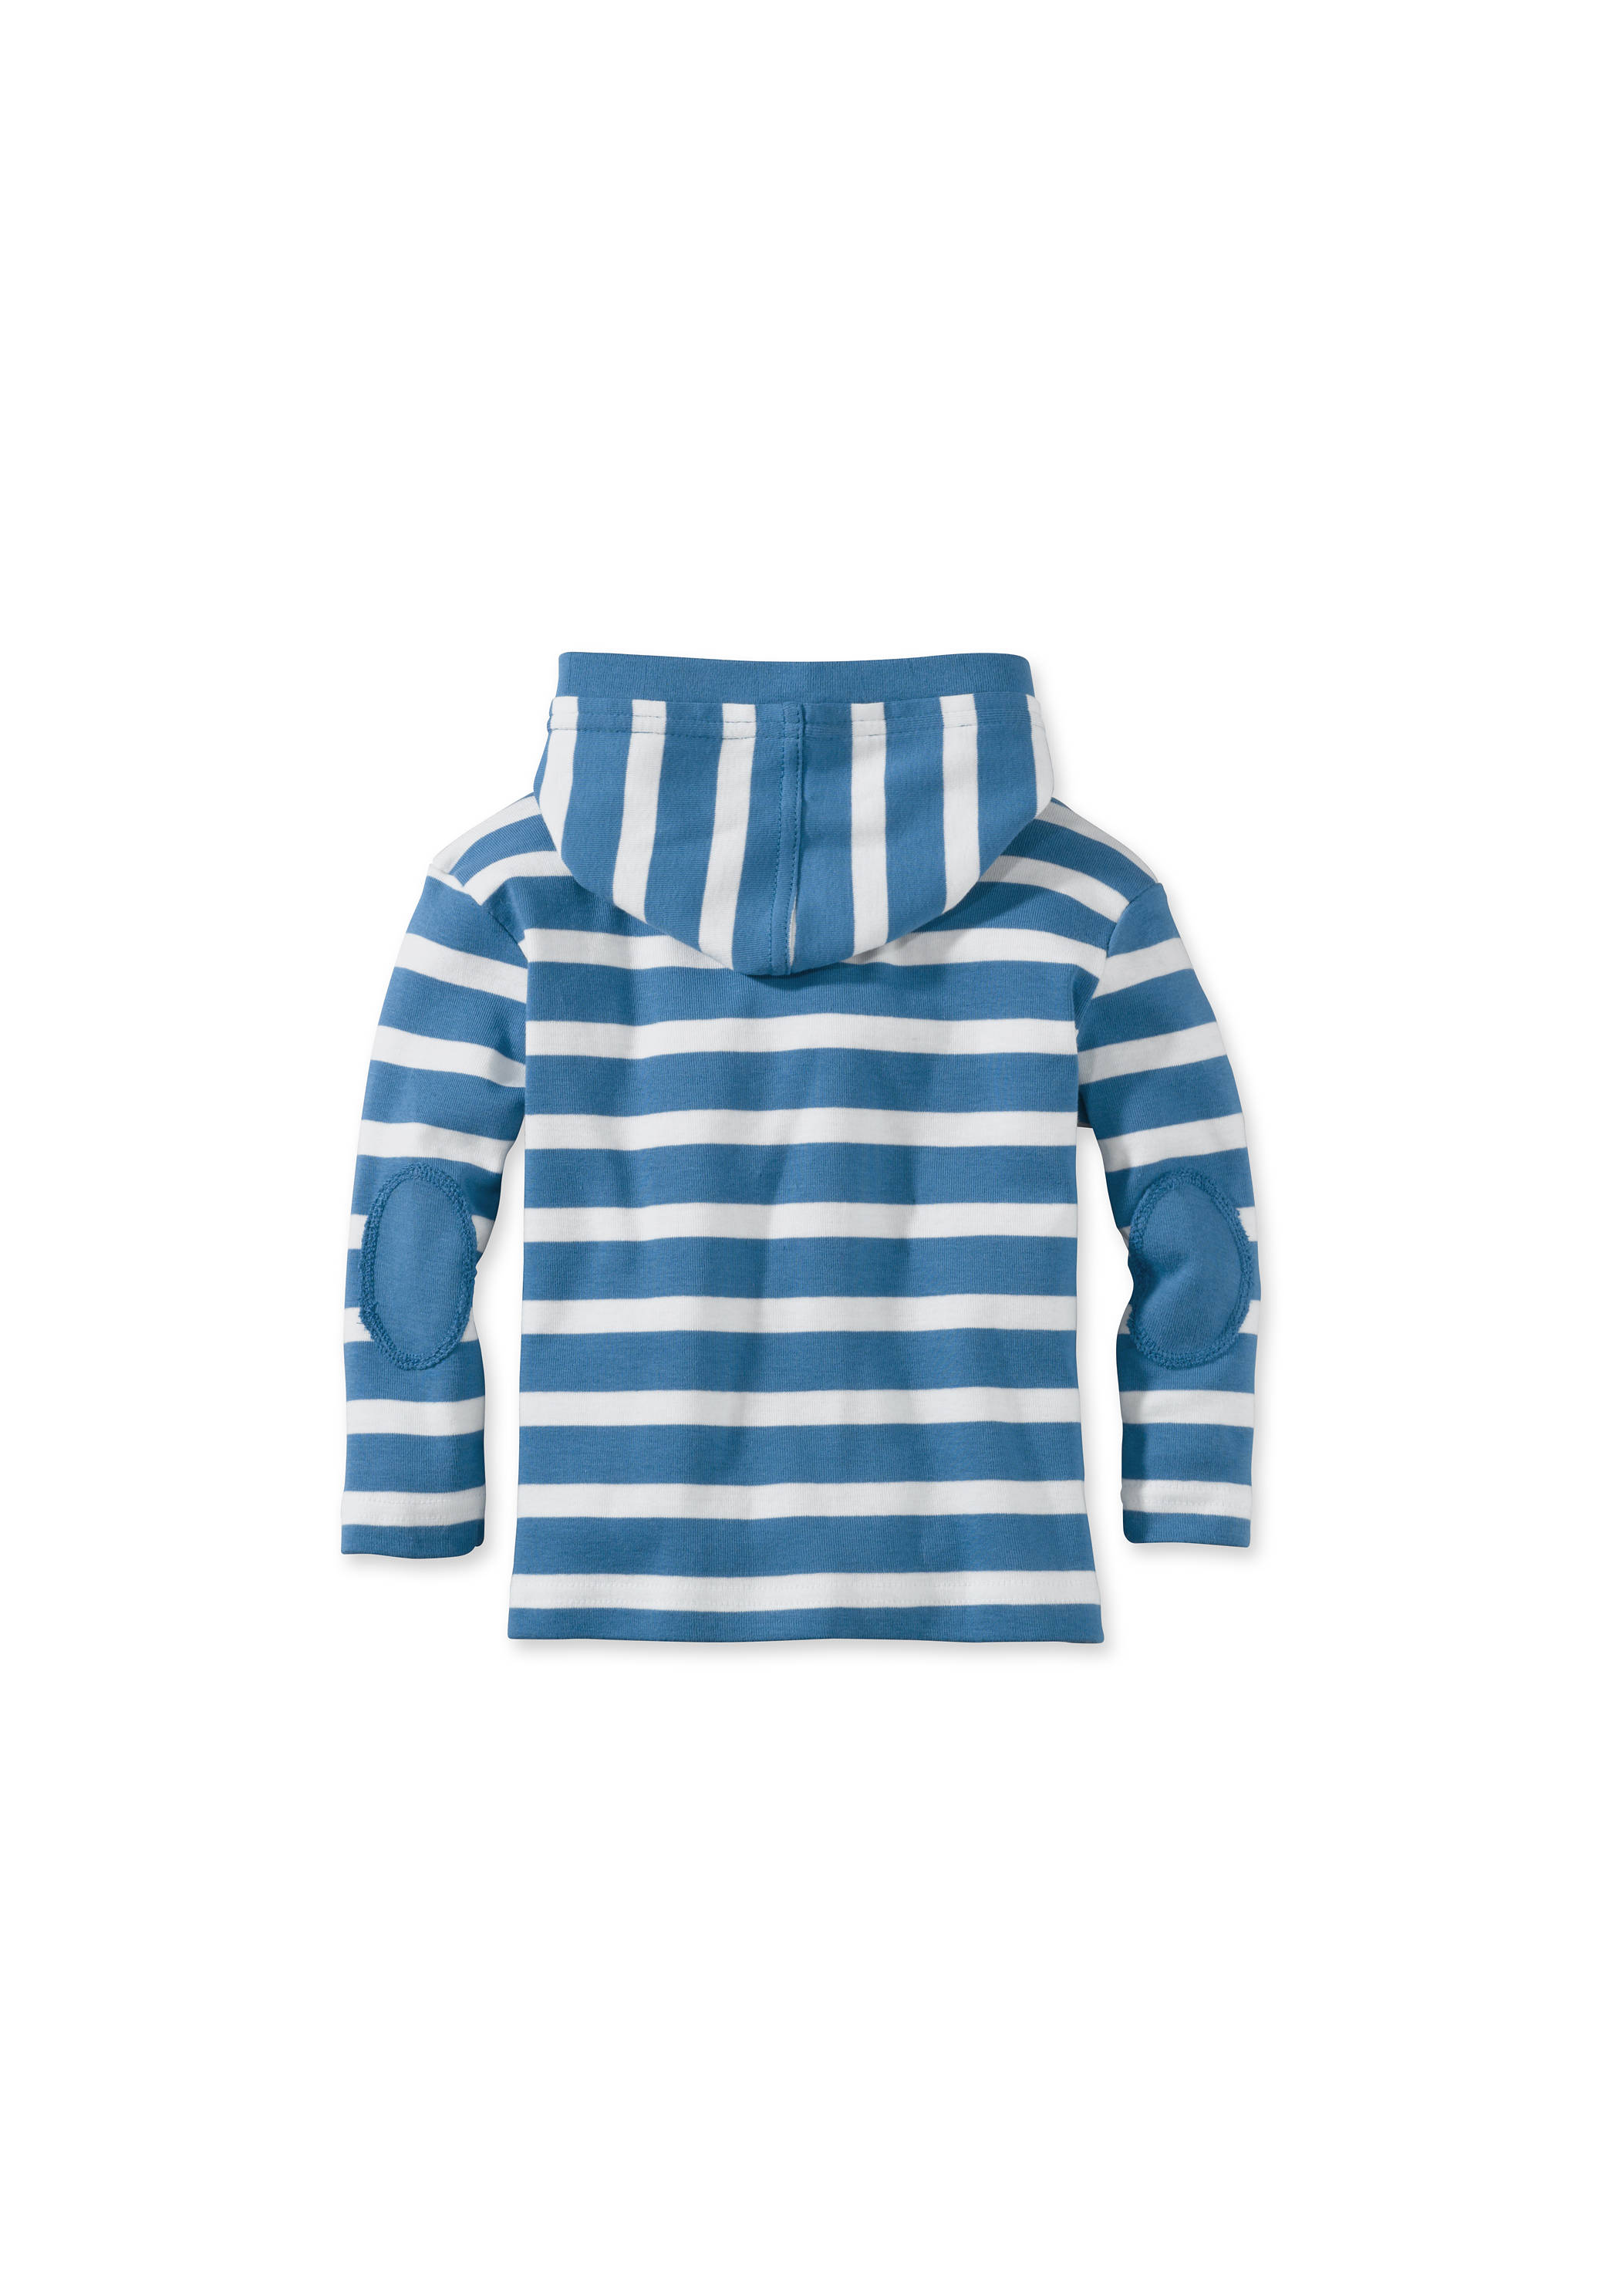 bio baby t shirts bio babykleidung hessnatur deutschland. Black Bedroom Furniture Sets. Home Design Ideas